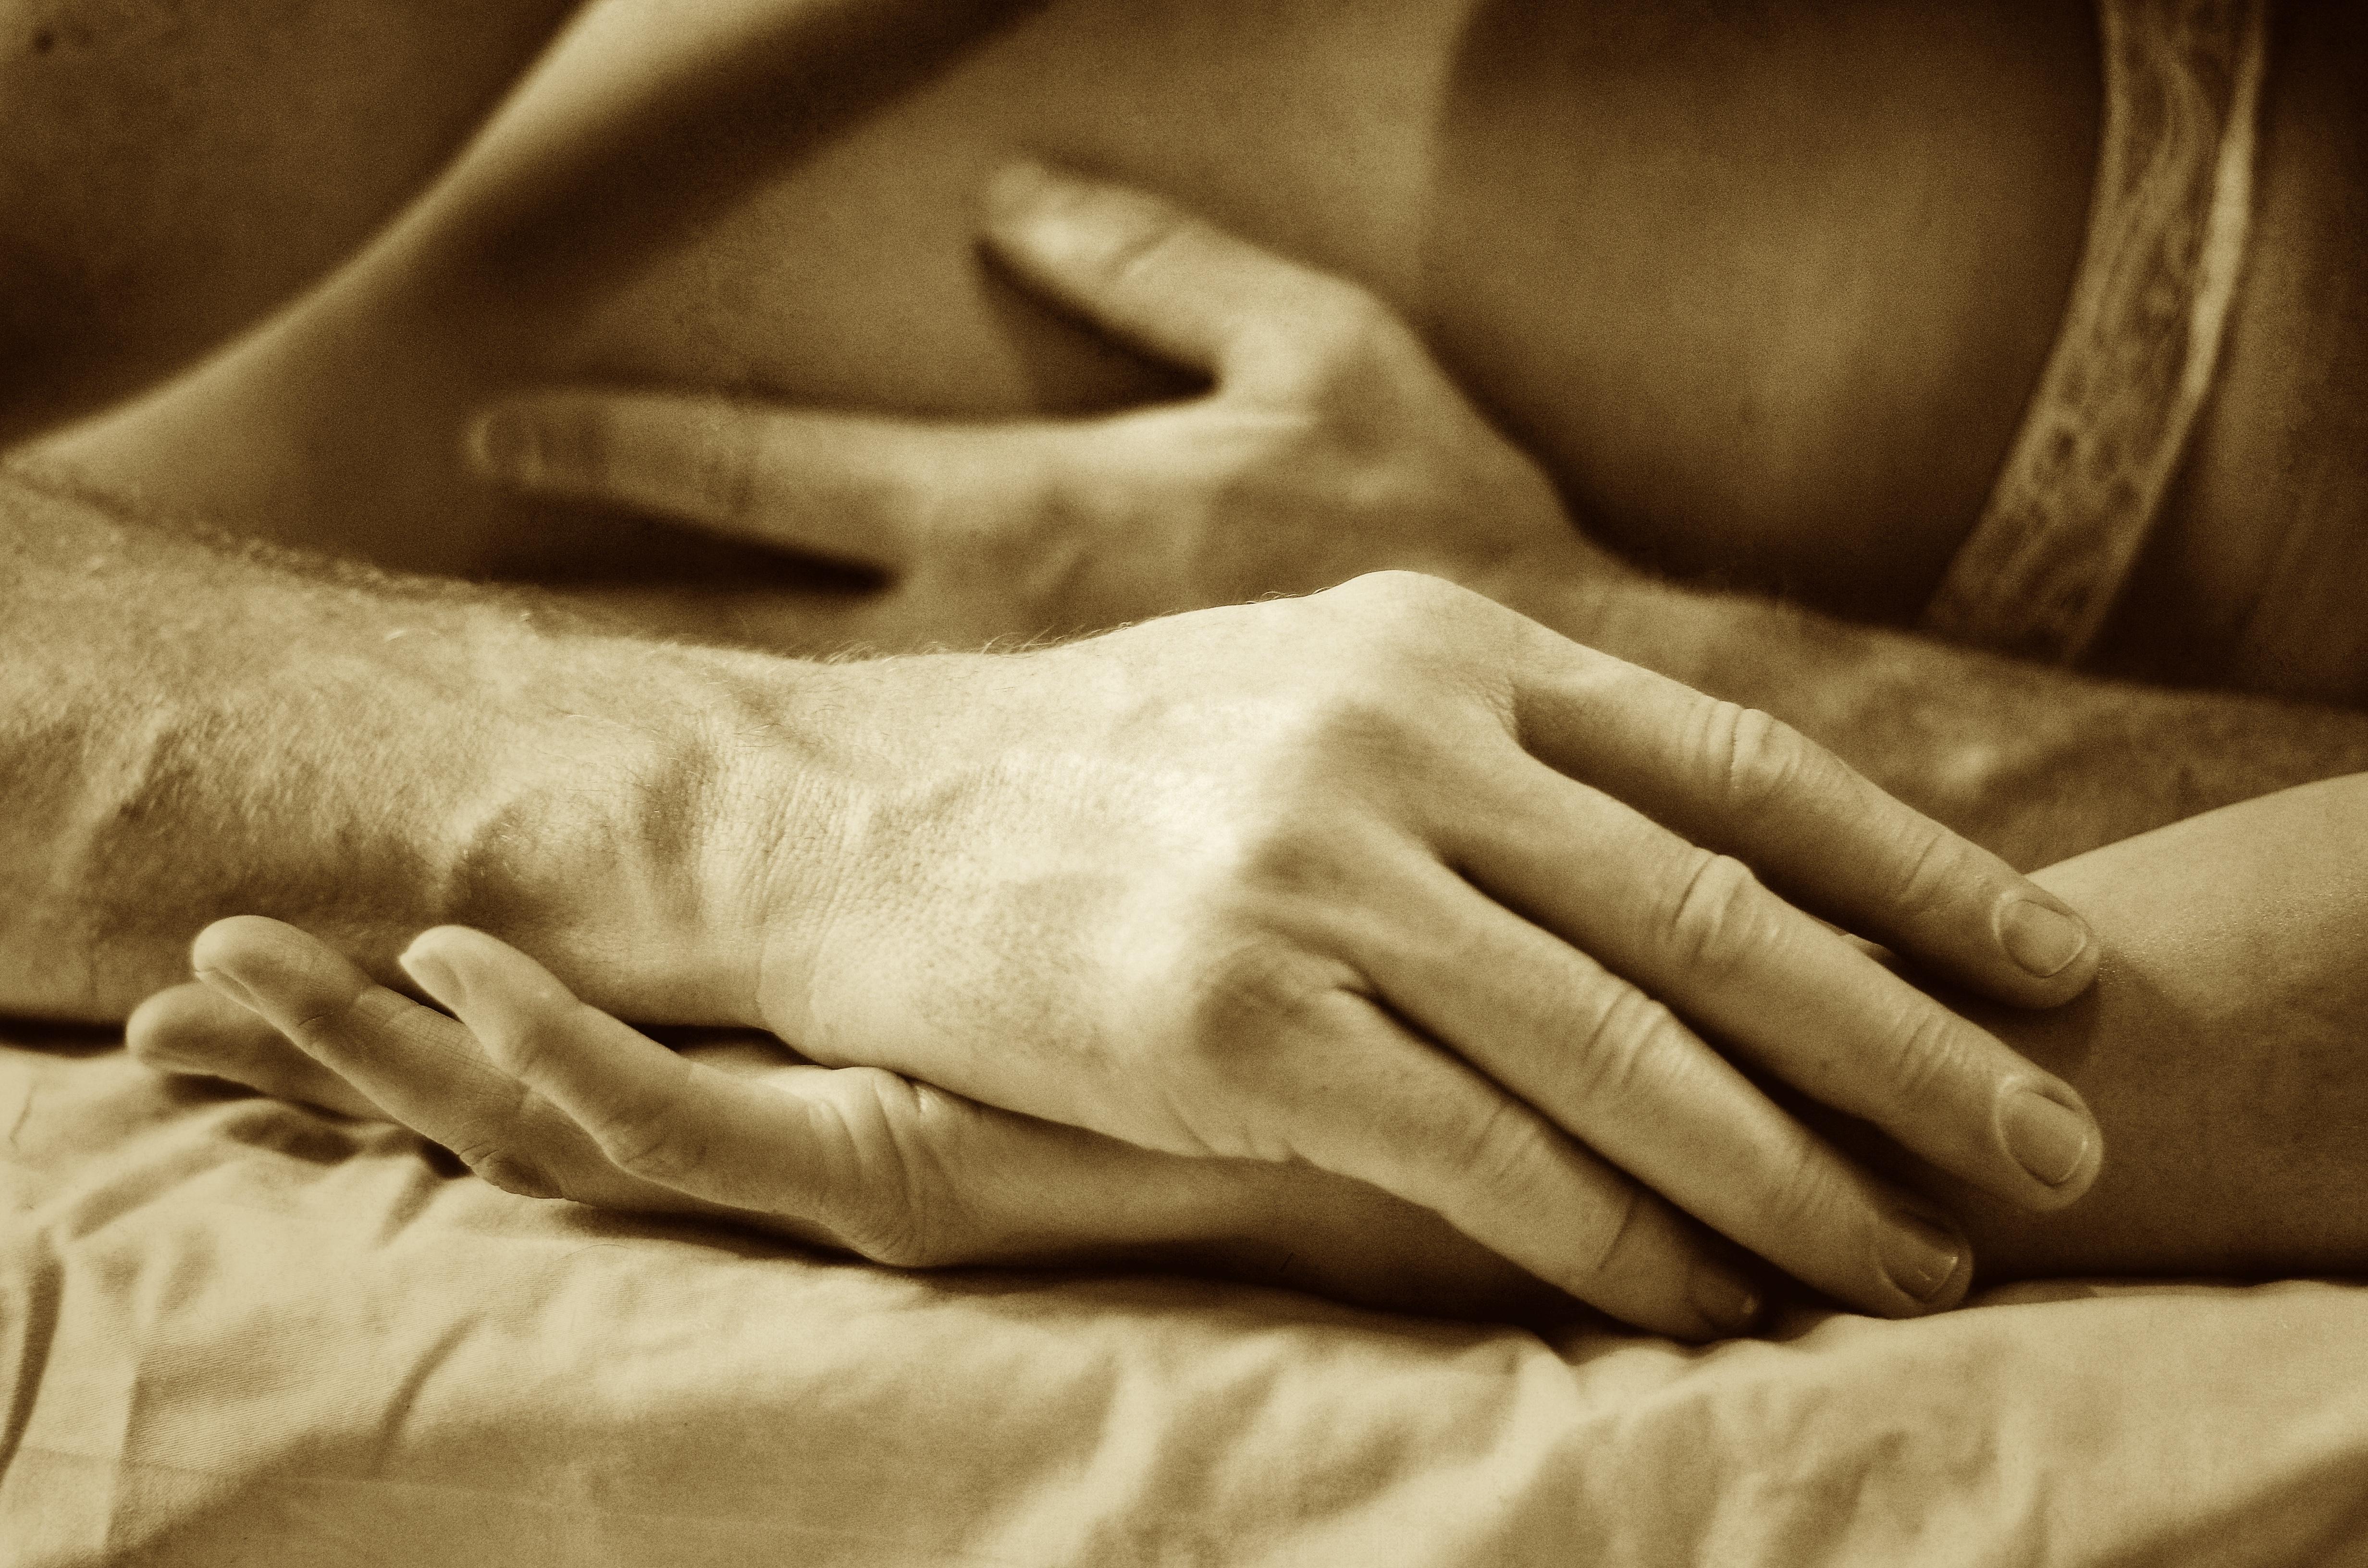 yoni massage århus mand søger mand